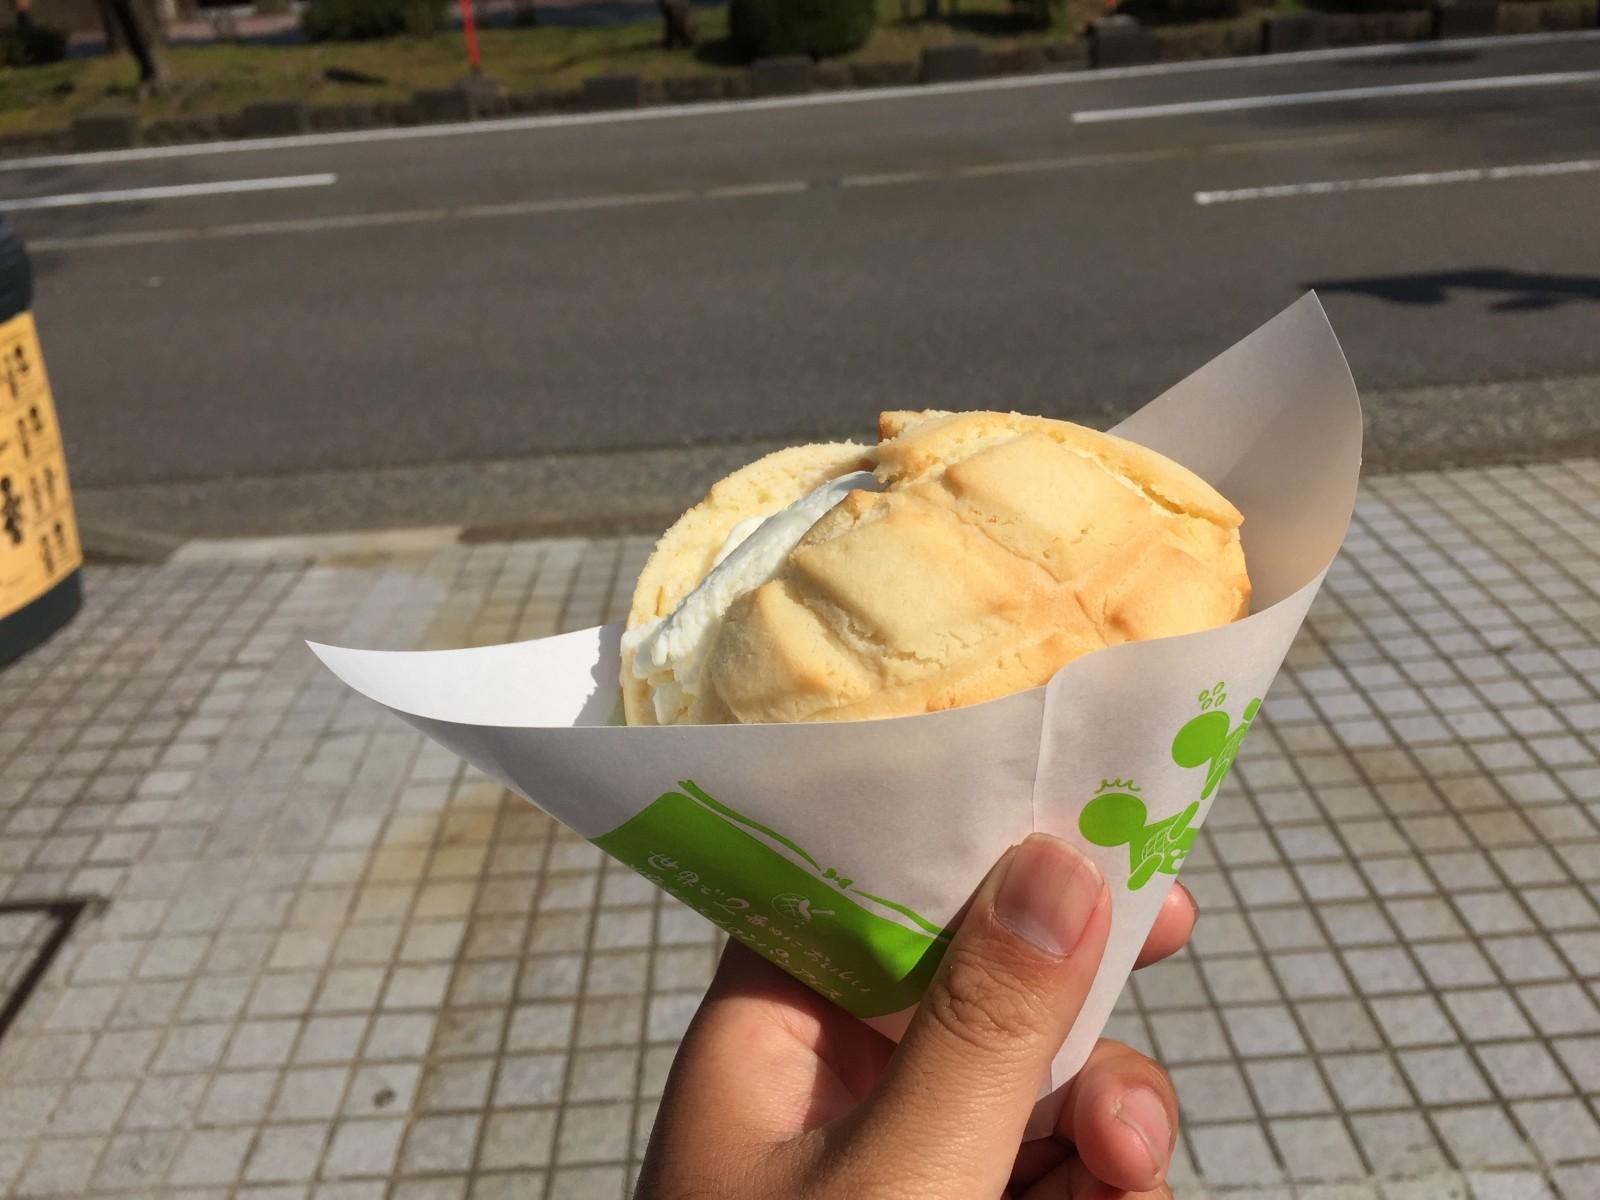 テツの食卓66 世界で2番目においしい焼きたてメロンパンアイス(石川県金沢市)